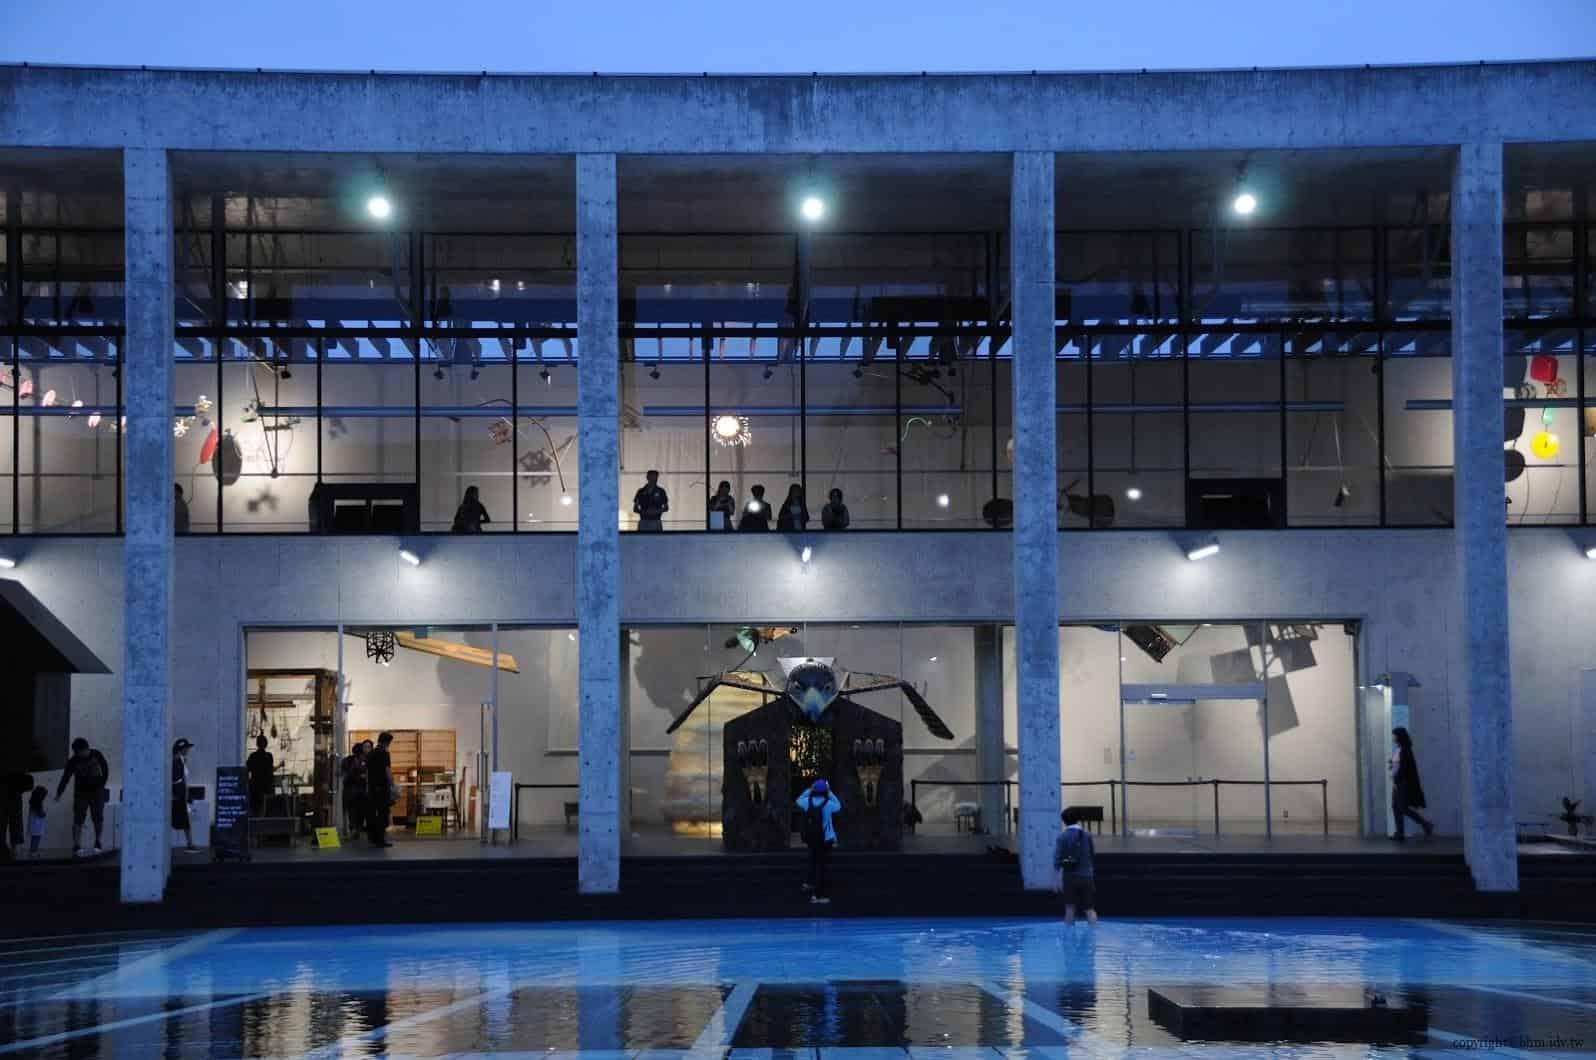 原廣司+ATELIER建築研究所,越後妻有里山現代美術館,2018企劃展「方丈記私記」,千變萬化的方格世界,讓藝術家們在長寬高皆約3公尺的「一方丈」空間裡,打造出他們想像中的世界 越後妻有里山現代美術館 越後妻有里山現代美術館 echigo tsumari kouryukan echigo tsumari exchange center 09